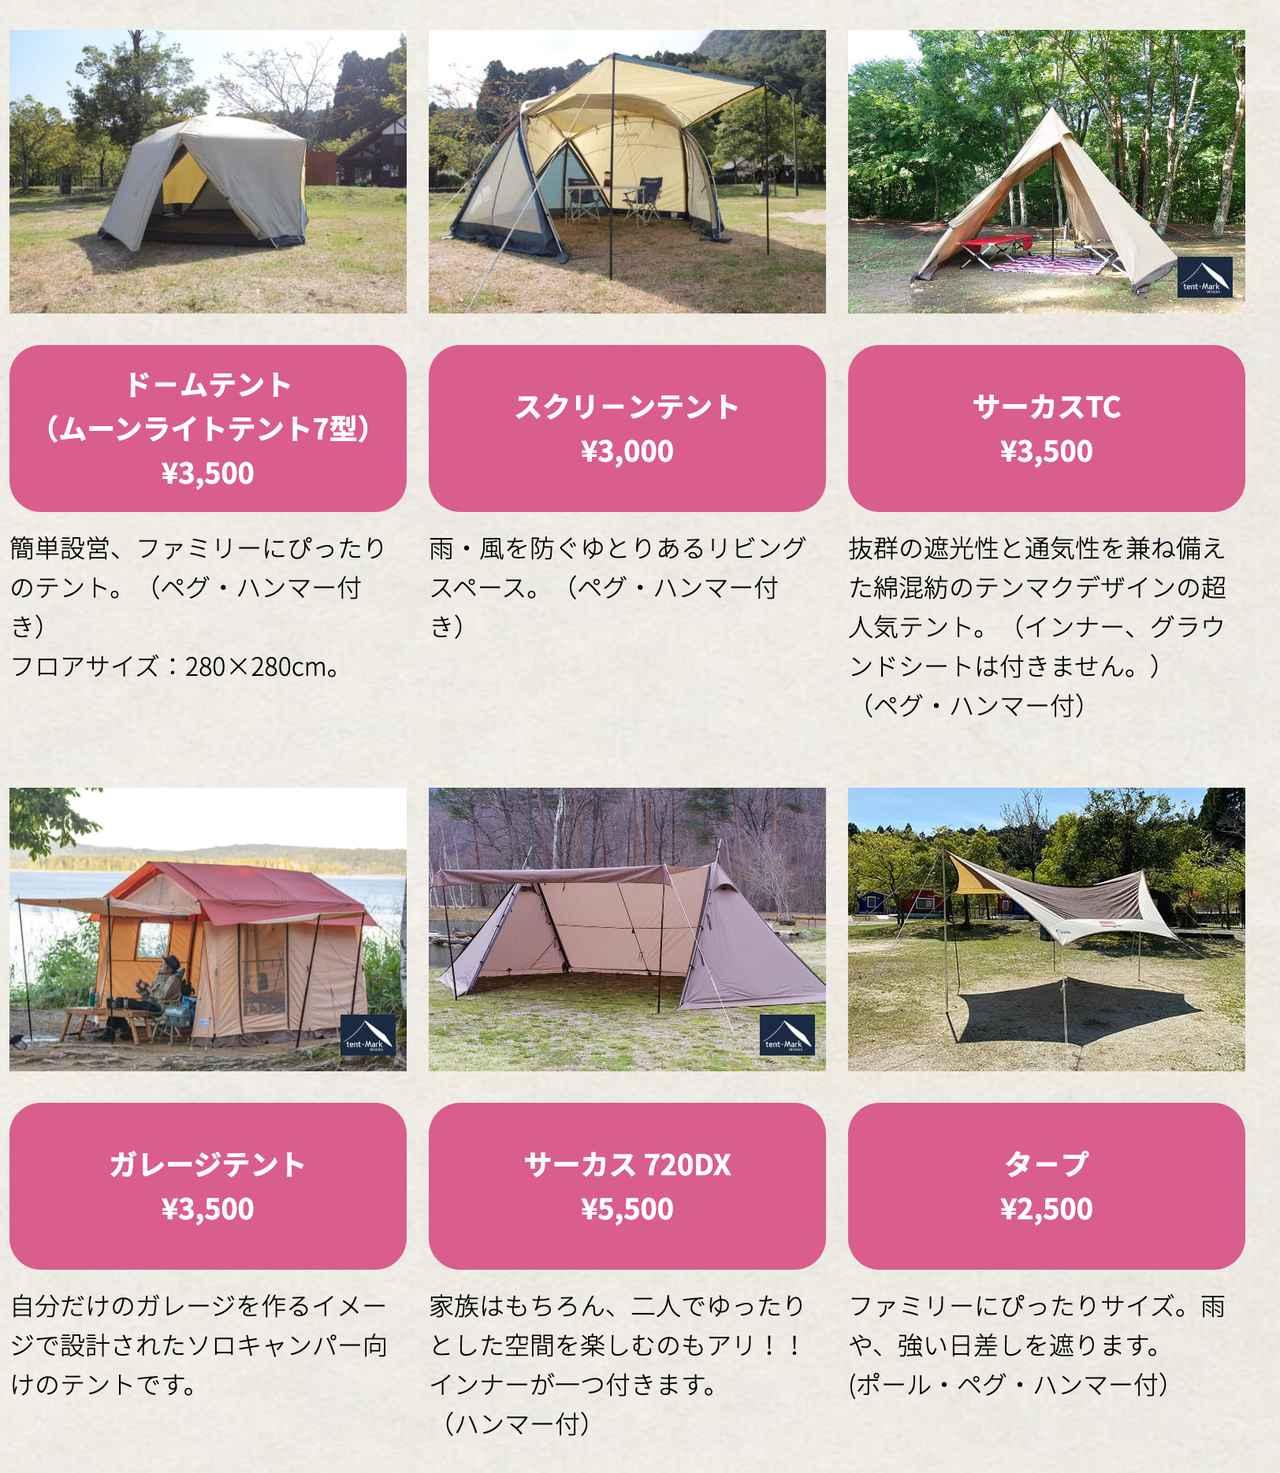 画像: 青川峡キャンピングパーク、レンタル品紹介ページより引用 テントっていろんな種類がありますよね。